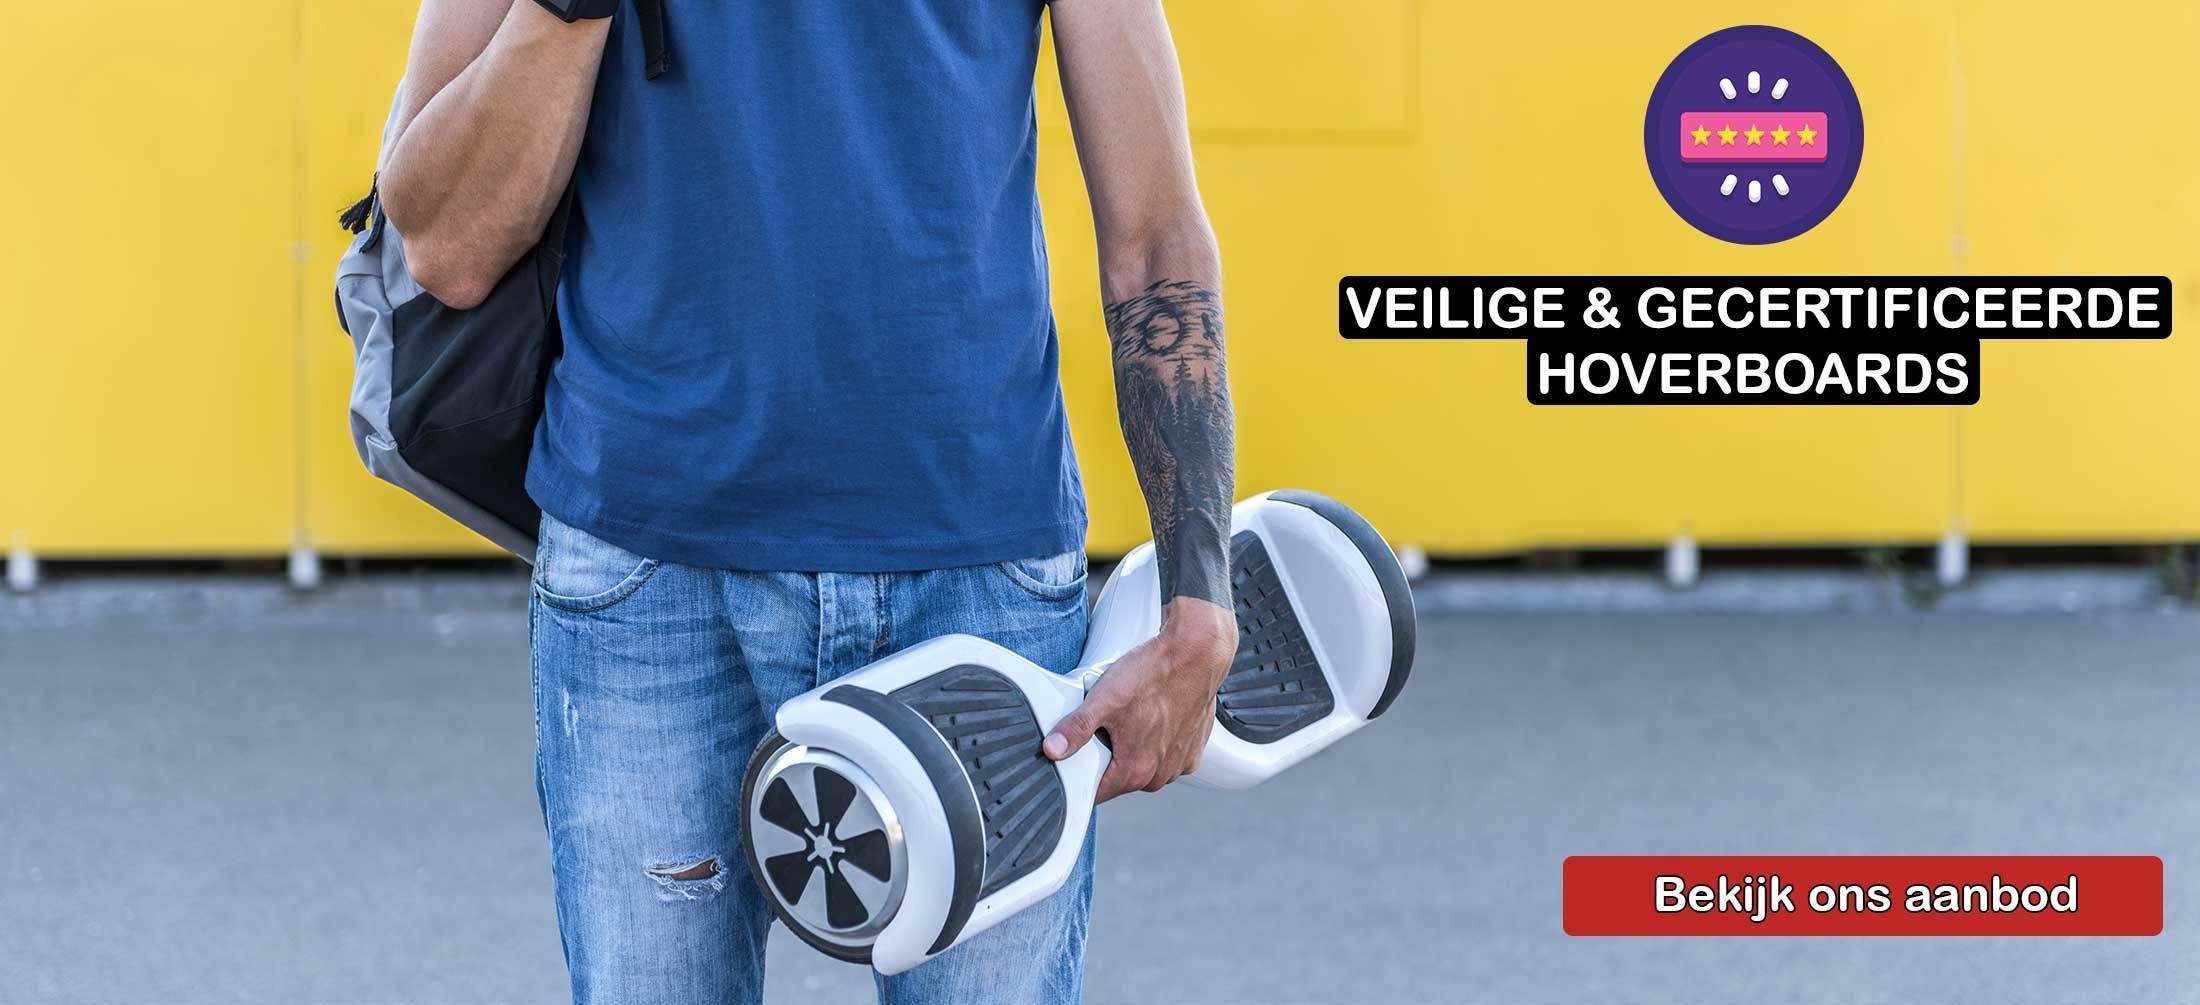 Veilige en gecertificeerde hoverboards